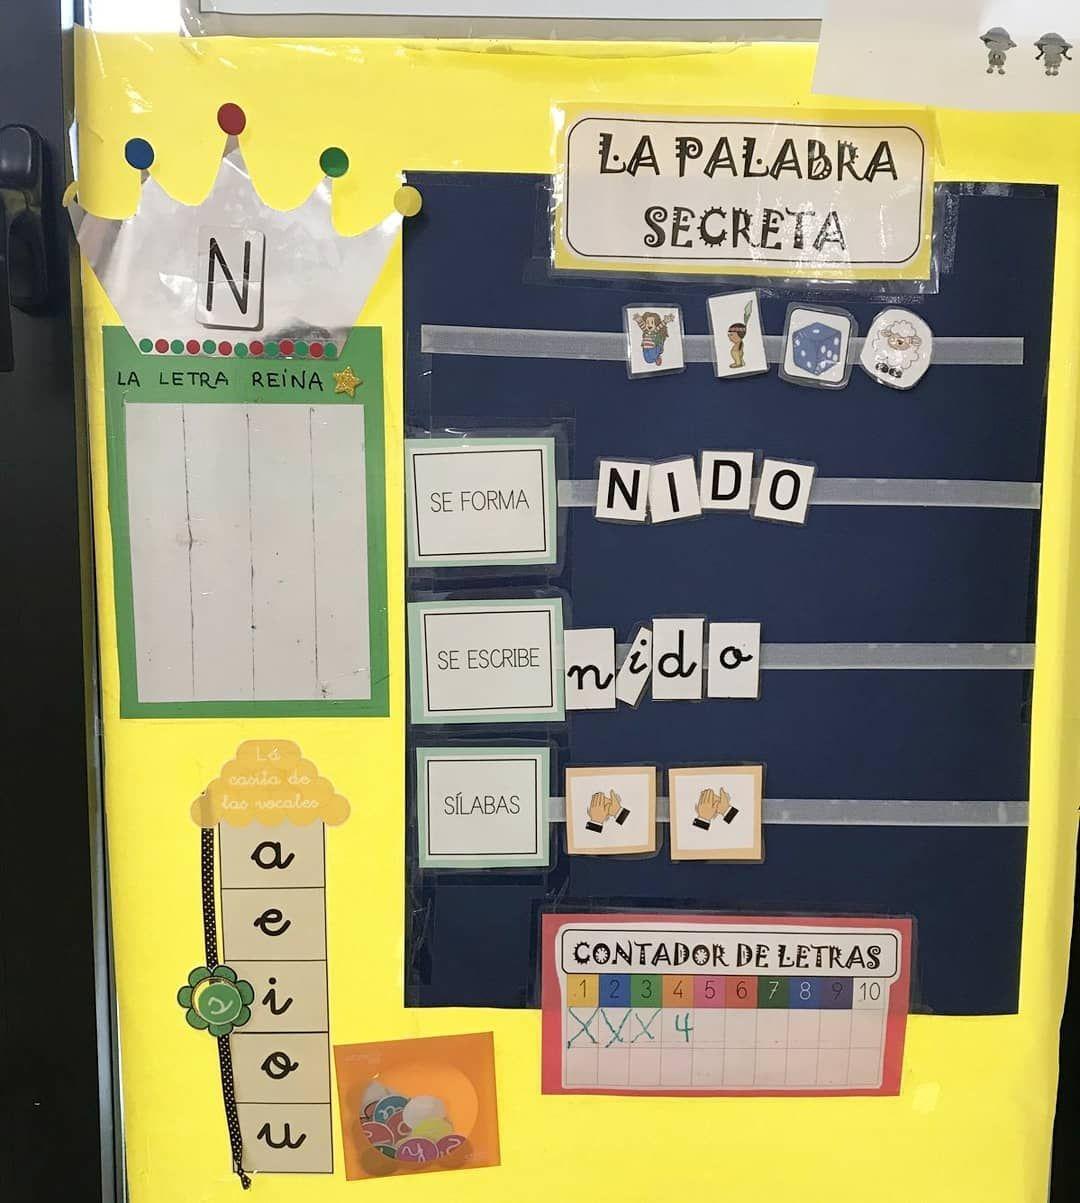 La palabra secreta. #educacionprimaria #educadores #recursos  #recursoseducacion #matematicas #maths #recursosenlinea #recursosaula…